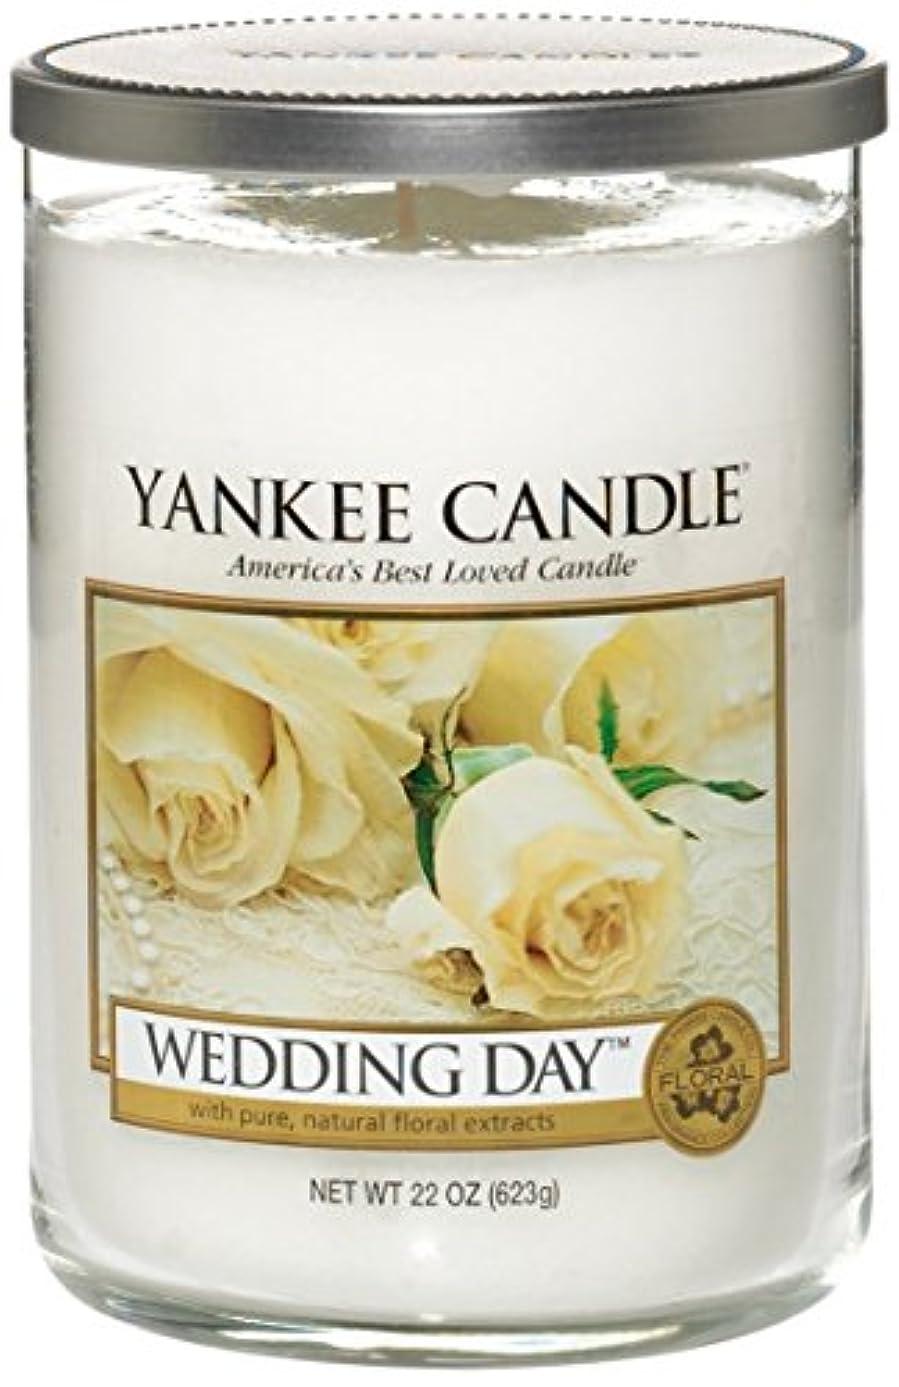 港カールソフトウェアYankee Candle Wedding Day 2-wickタンブラー